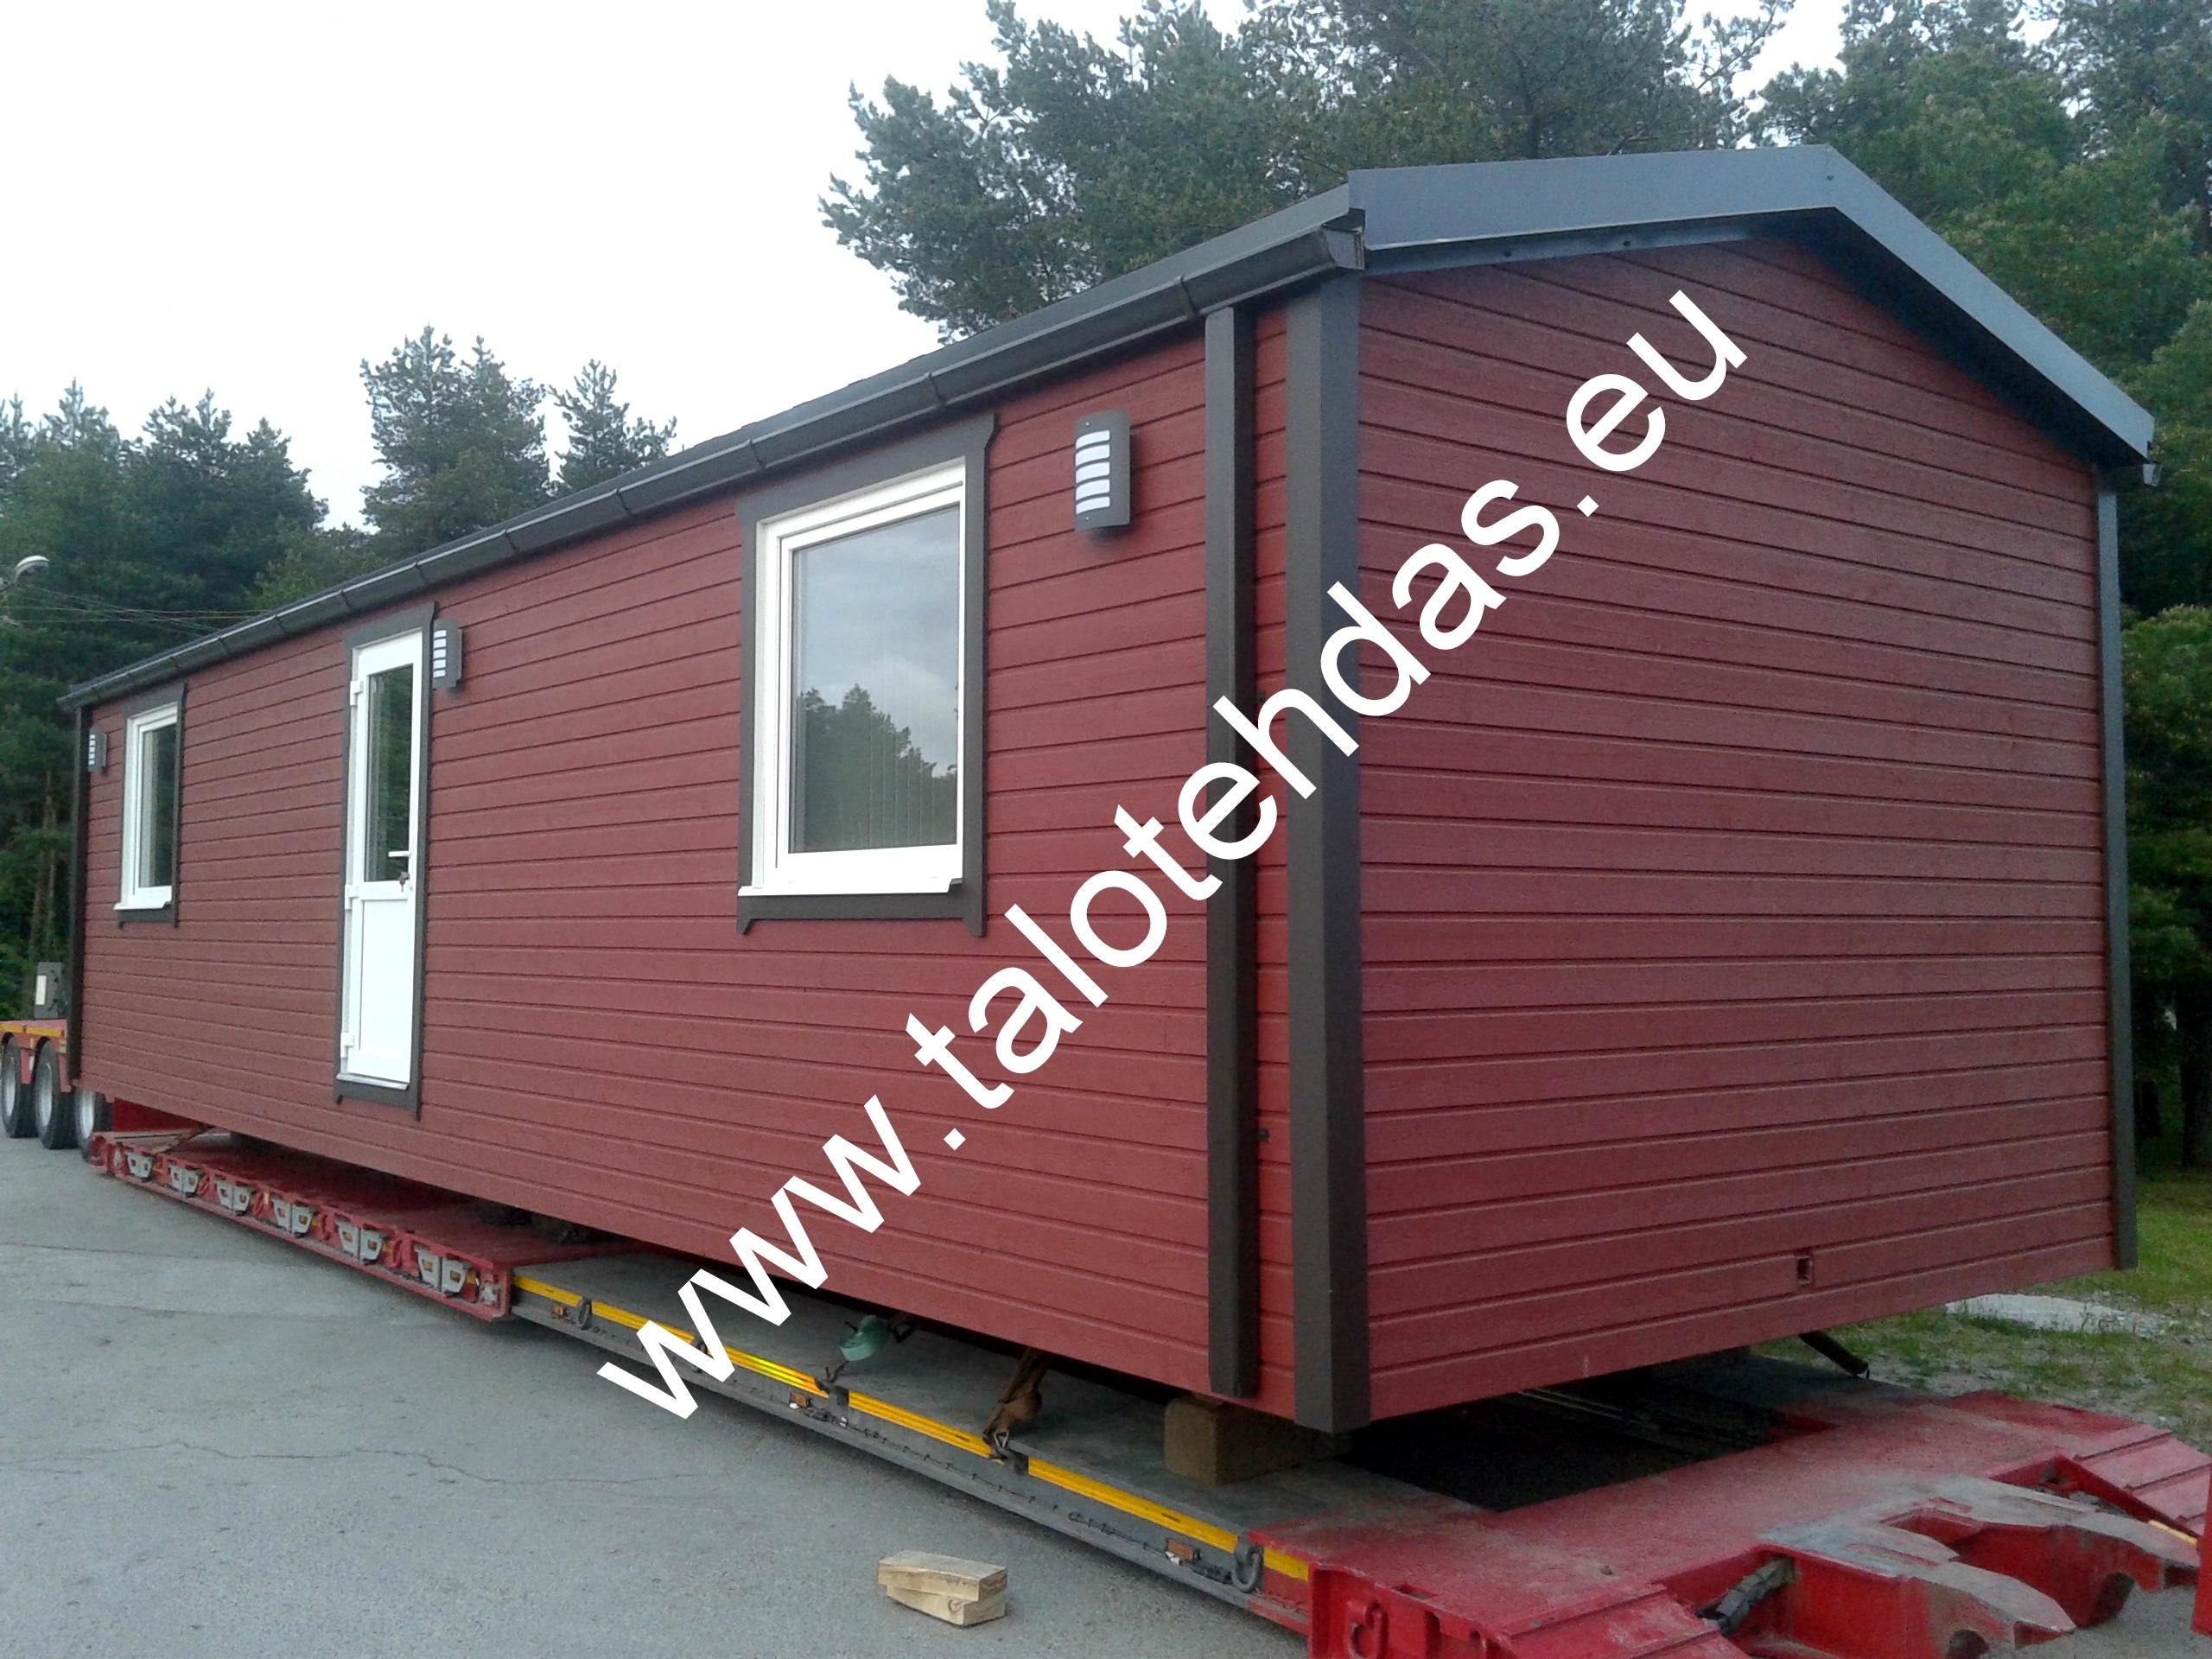 Talotehdas Virossa, talovaunut, elmenttitalo, tupla-leveä talovaunu